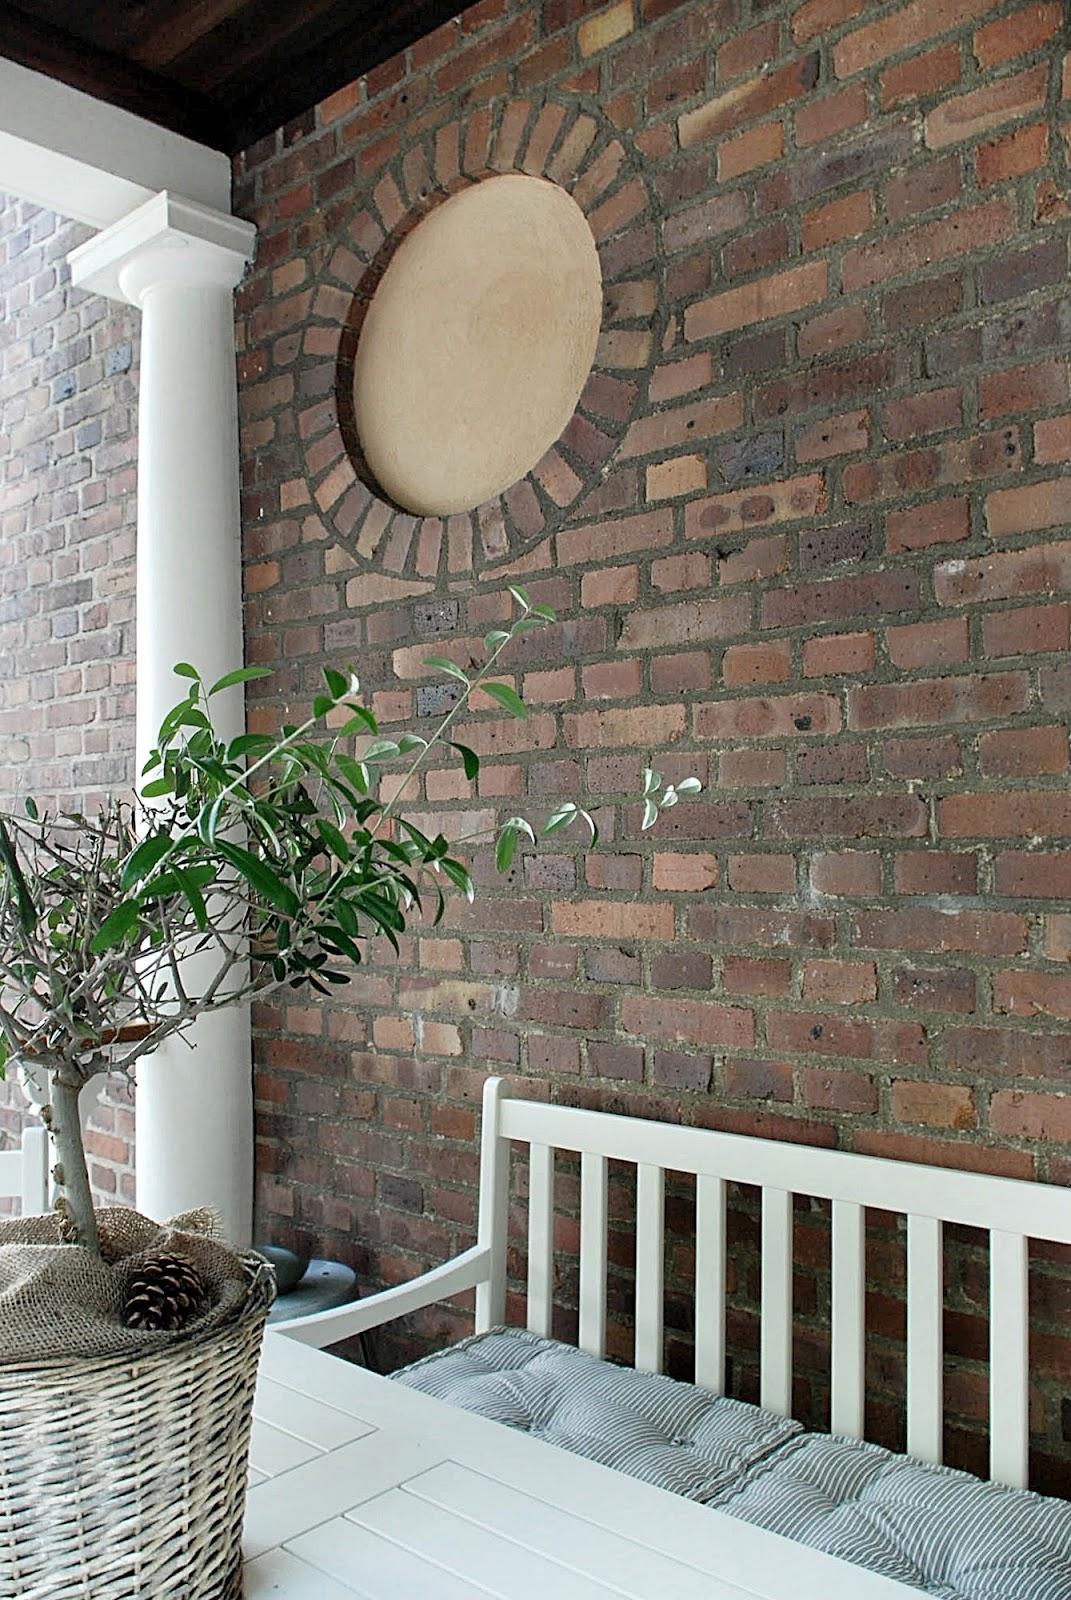 Therese romell: vÅr veranda